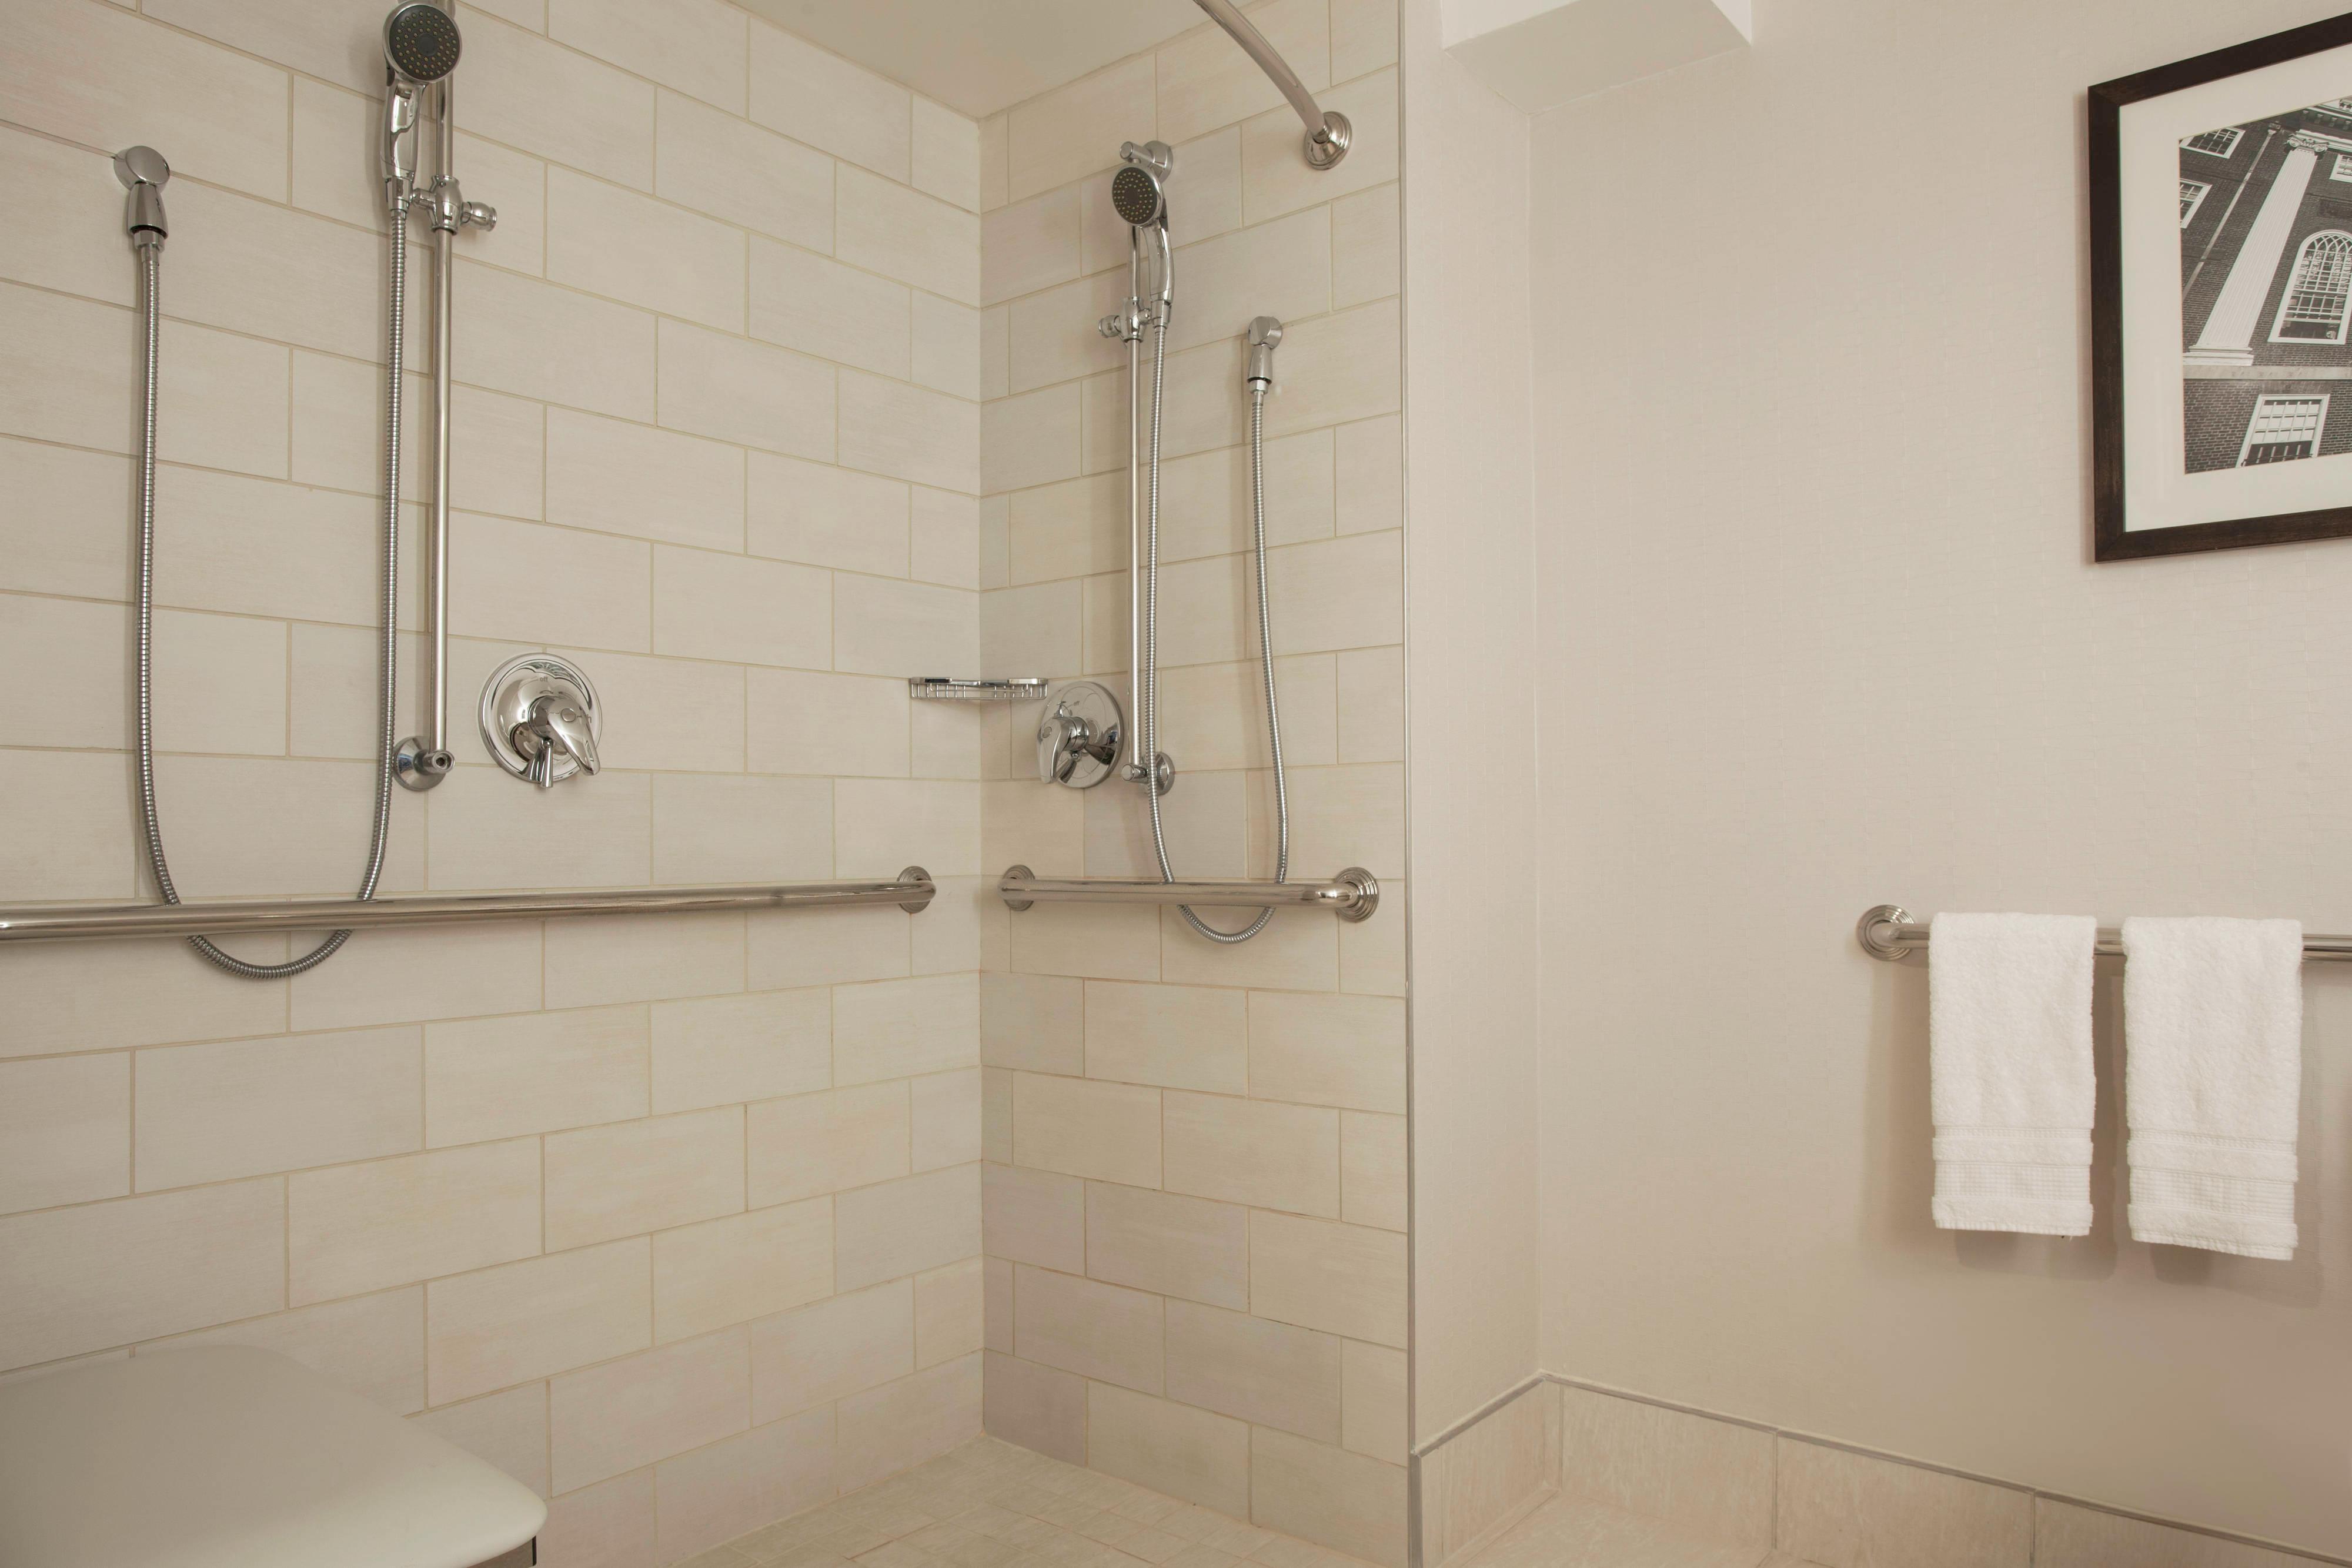 Baño con facilidades para personas con necesidades especiales en torre sur